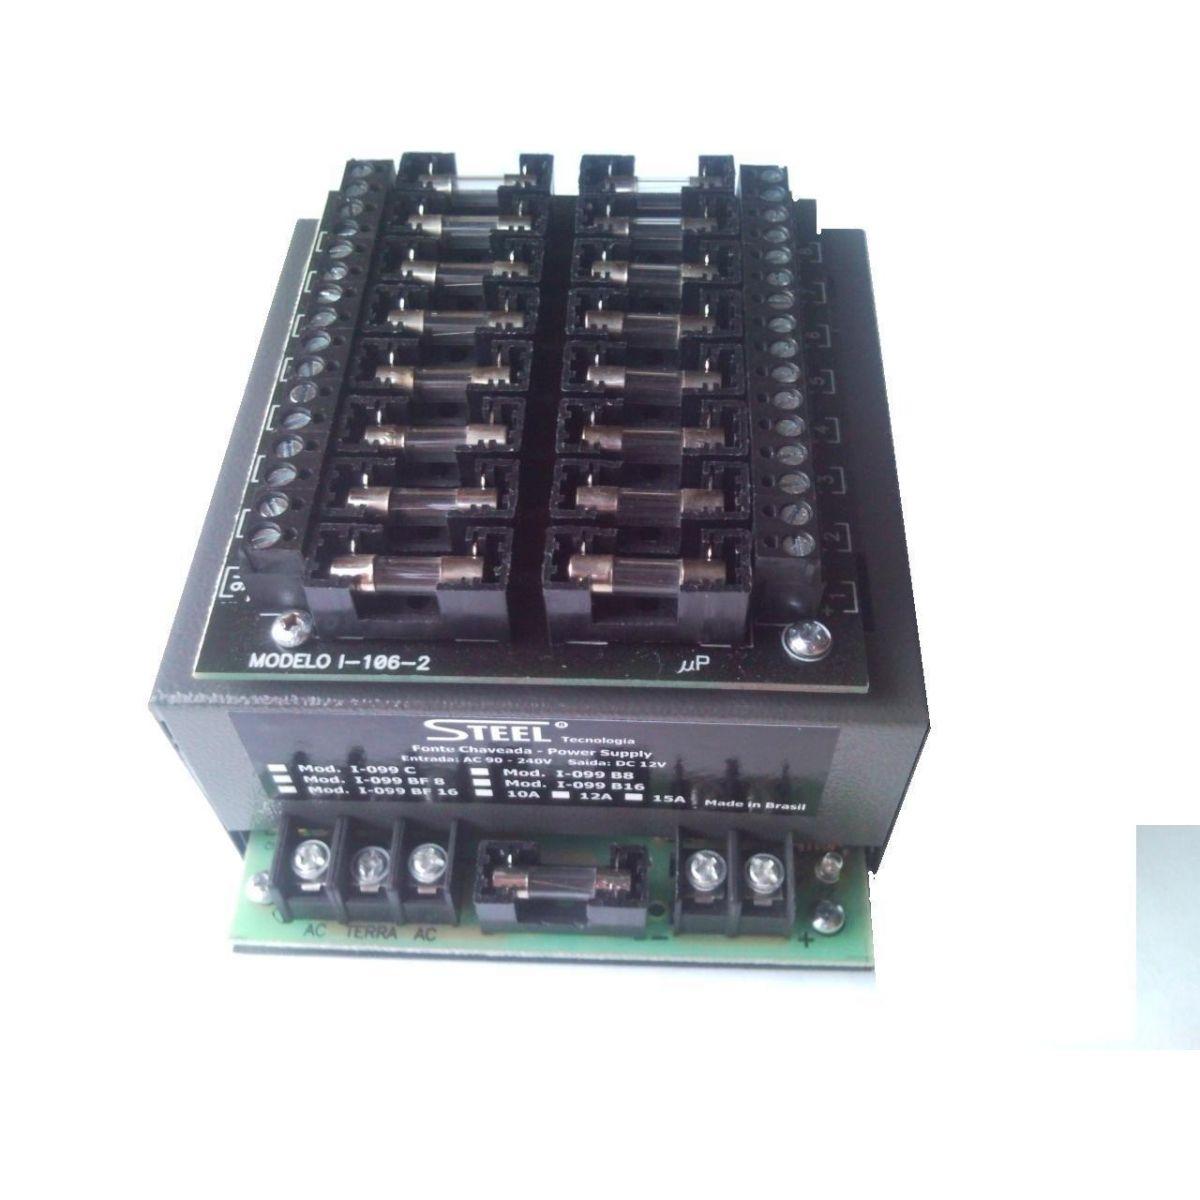 Fonte 12V 10 amper com 16 saídas proteção individual em fusível - JS Soluções em Segurança